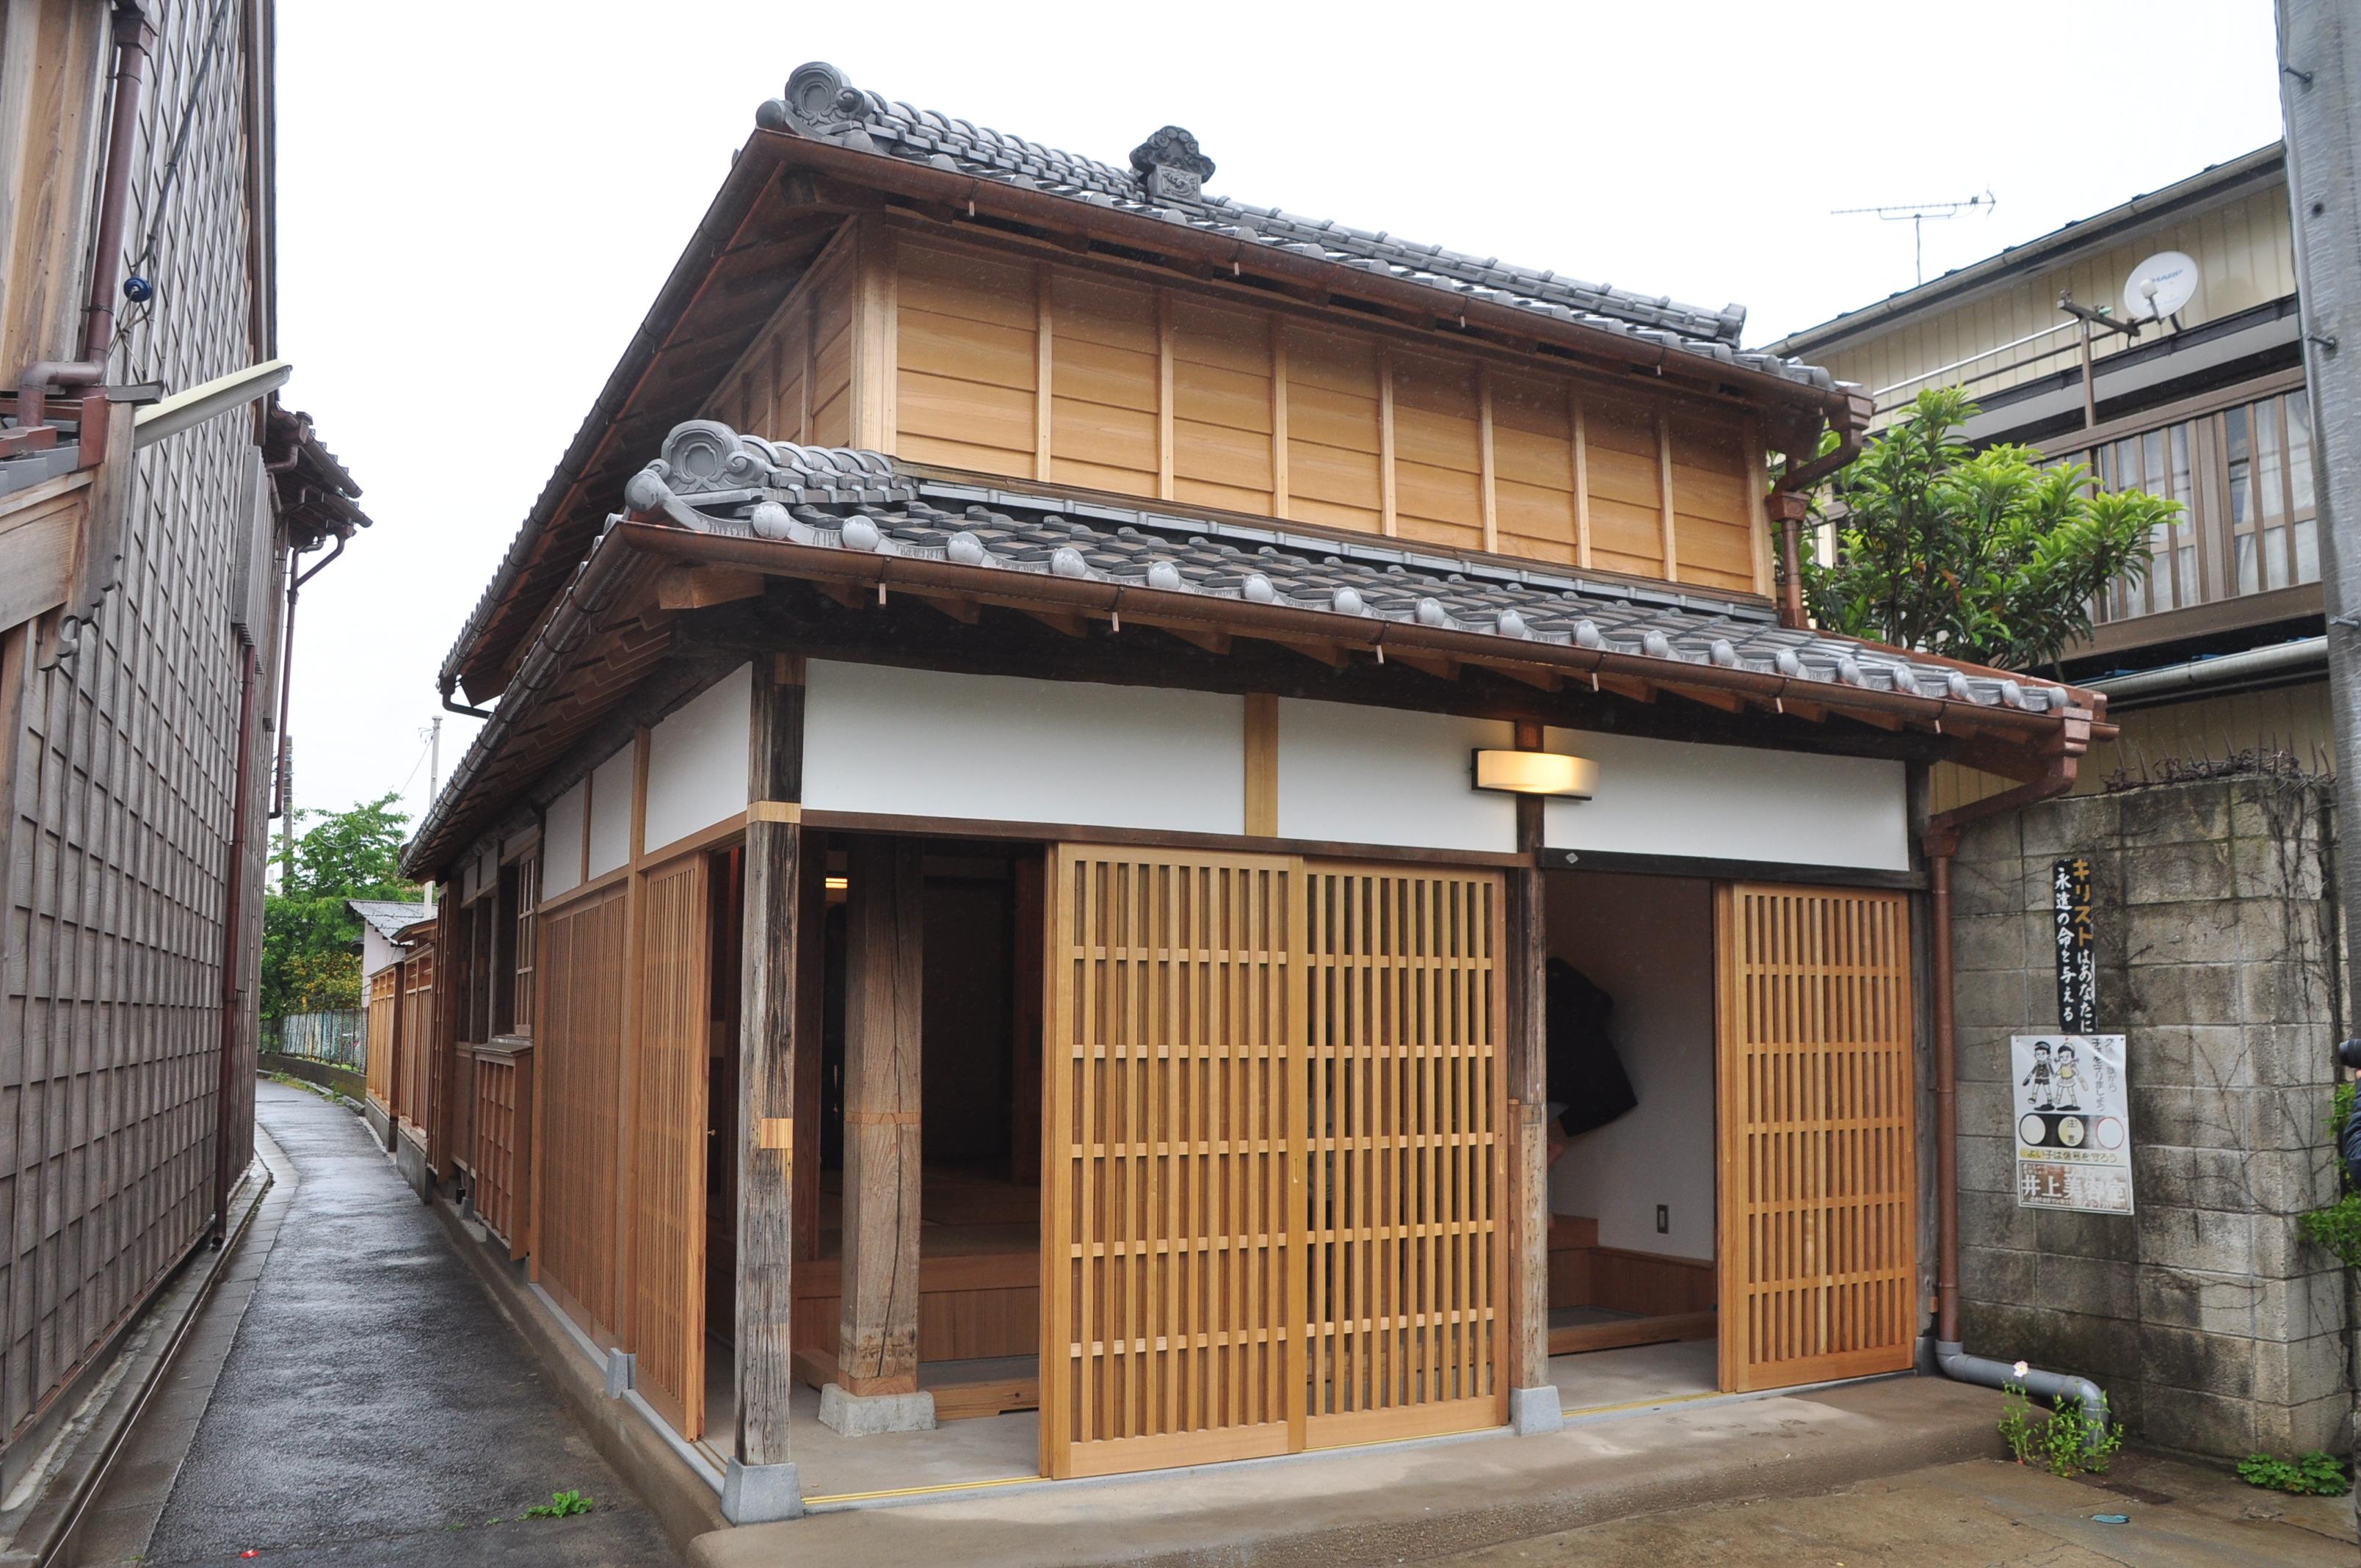 http://ud.t.u-tokyo.ac.jp/blog/_images/DSC_2024.JPG